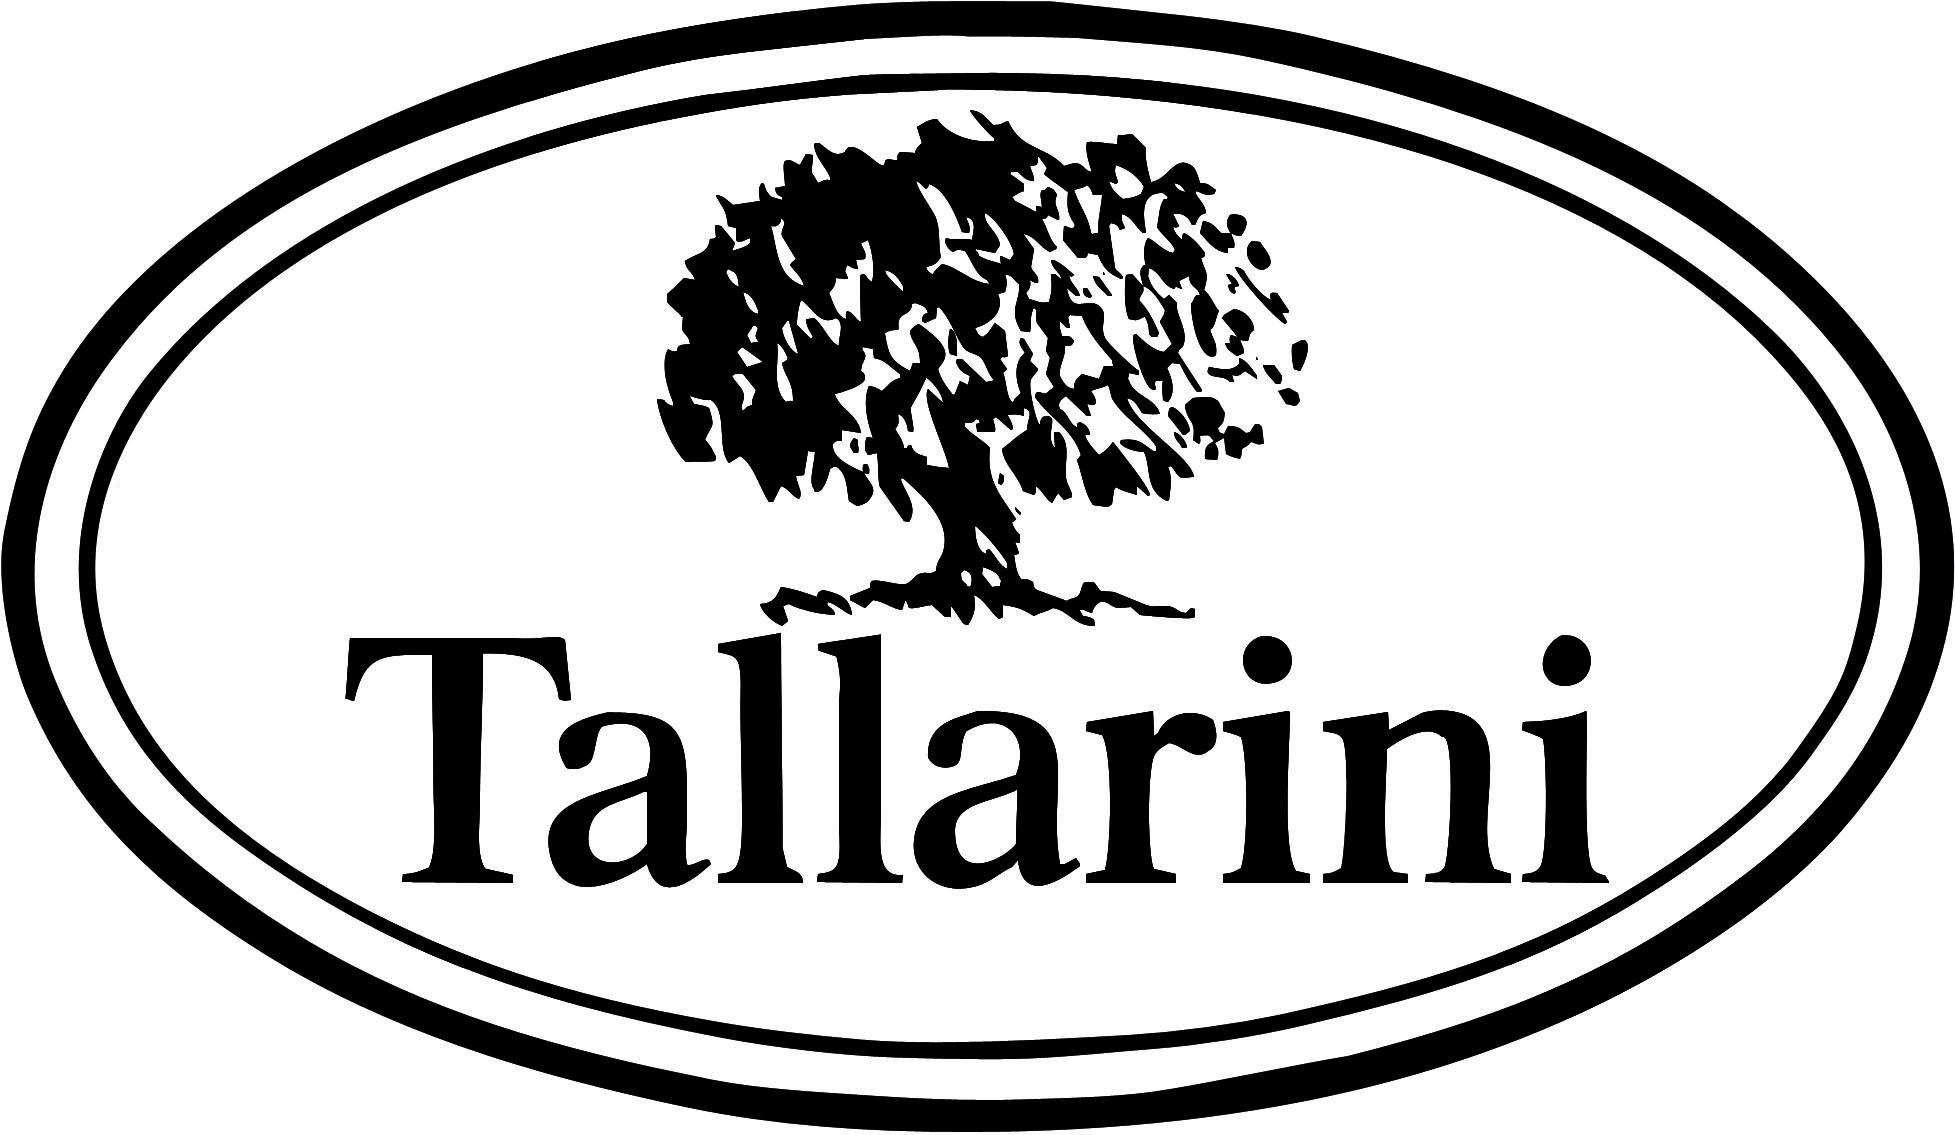 TALLARINI WINES